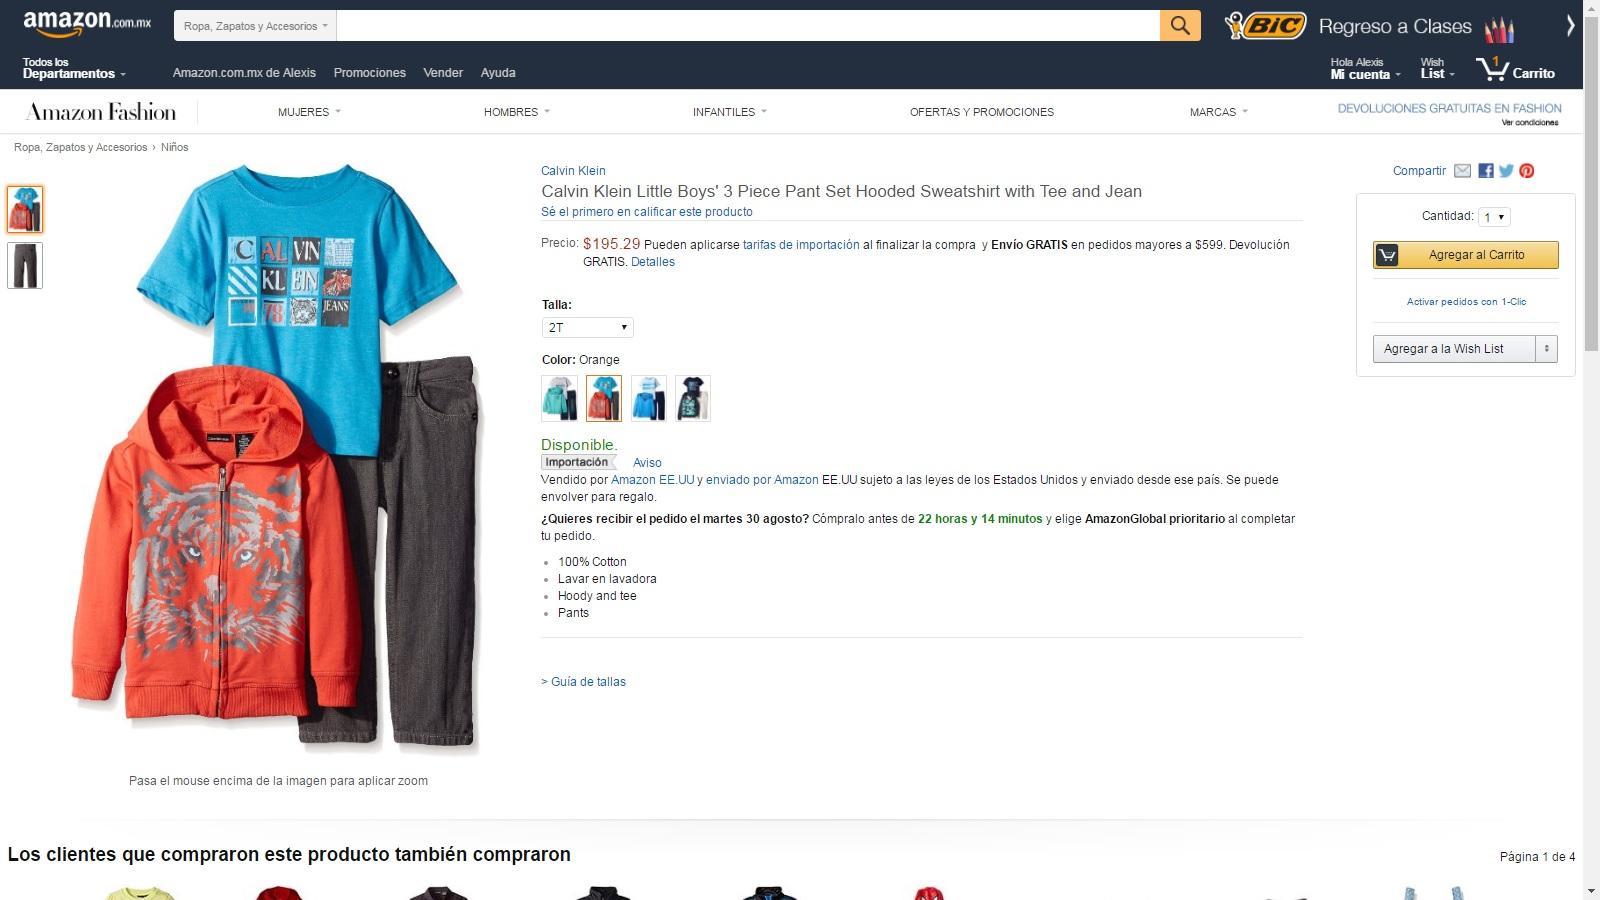 Amazon Mexico: Conjunto Calvin Klein 3 piezas a $195